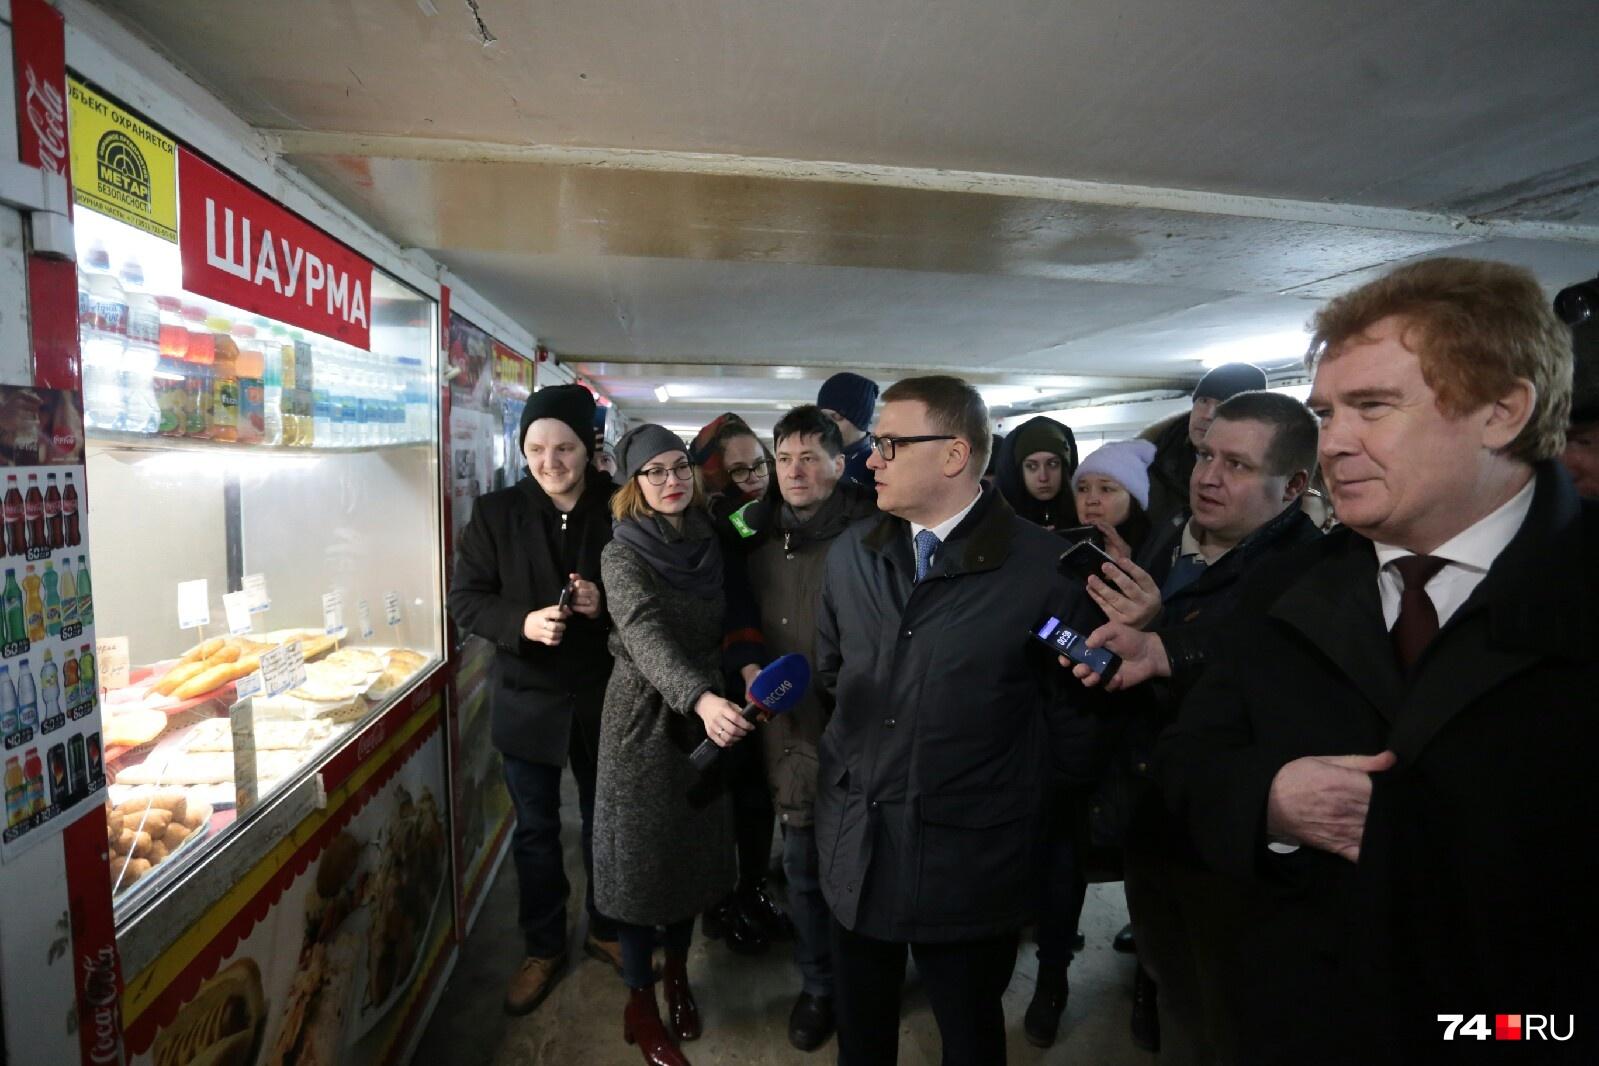 О ларьках в подземном переходе в центре Челябинска у Алексея Текслера возникло немало вопросов к мэру Владимиру Елистратову